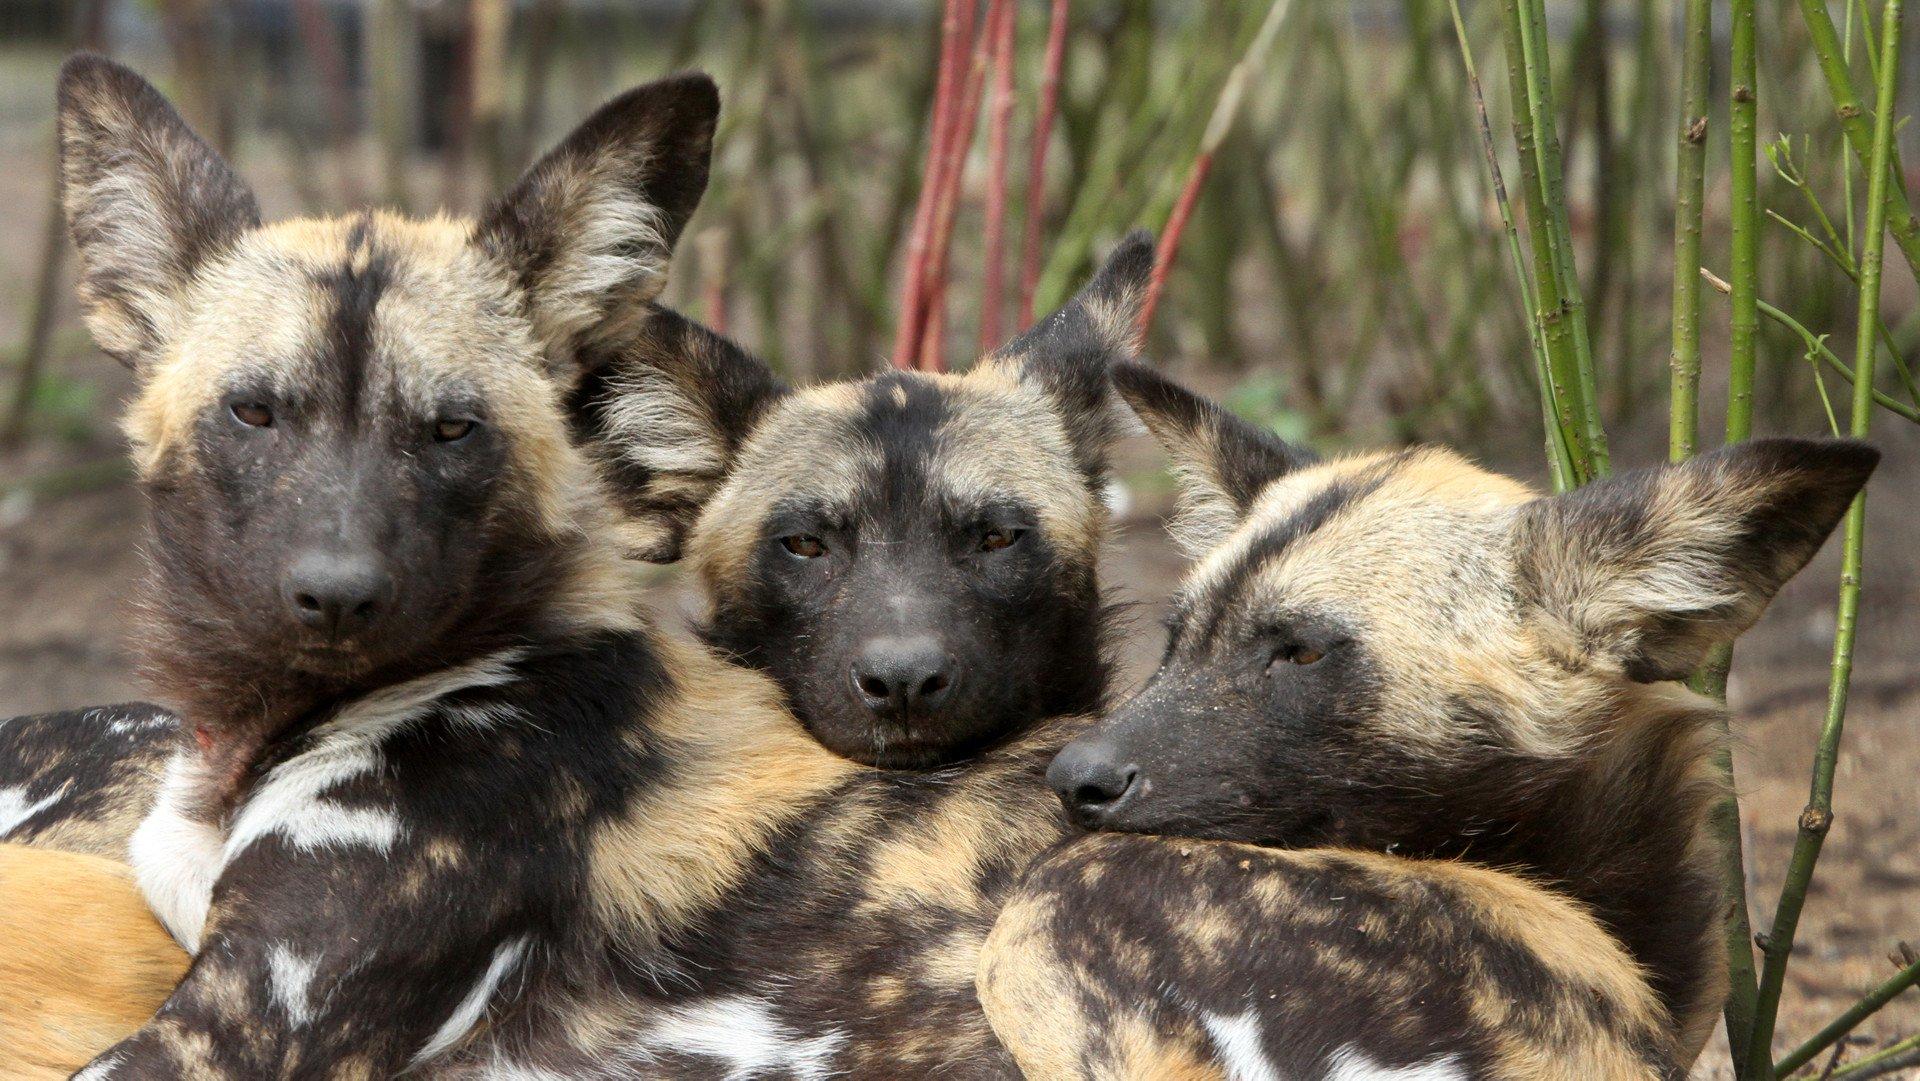 Afrikaanse wilde honden groepsdieren r 1920x1080 jpg